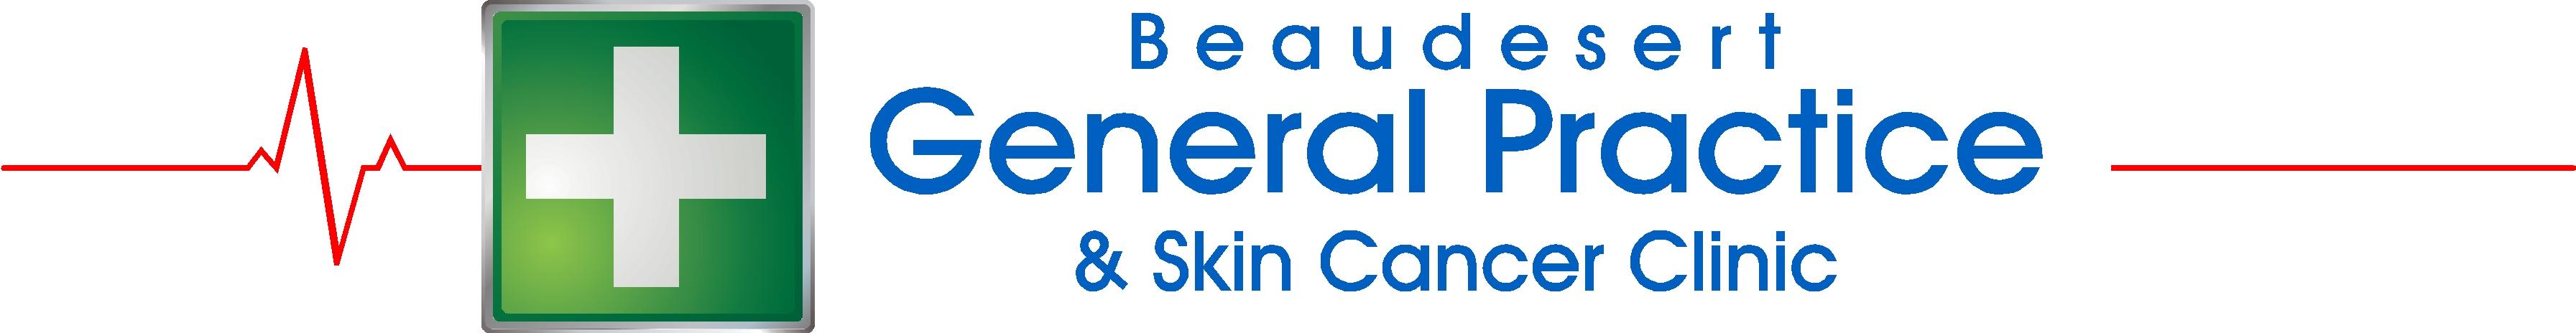 Beaudesert General Practice